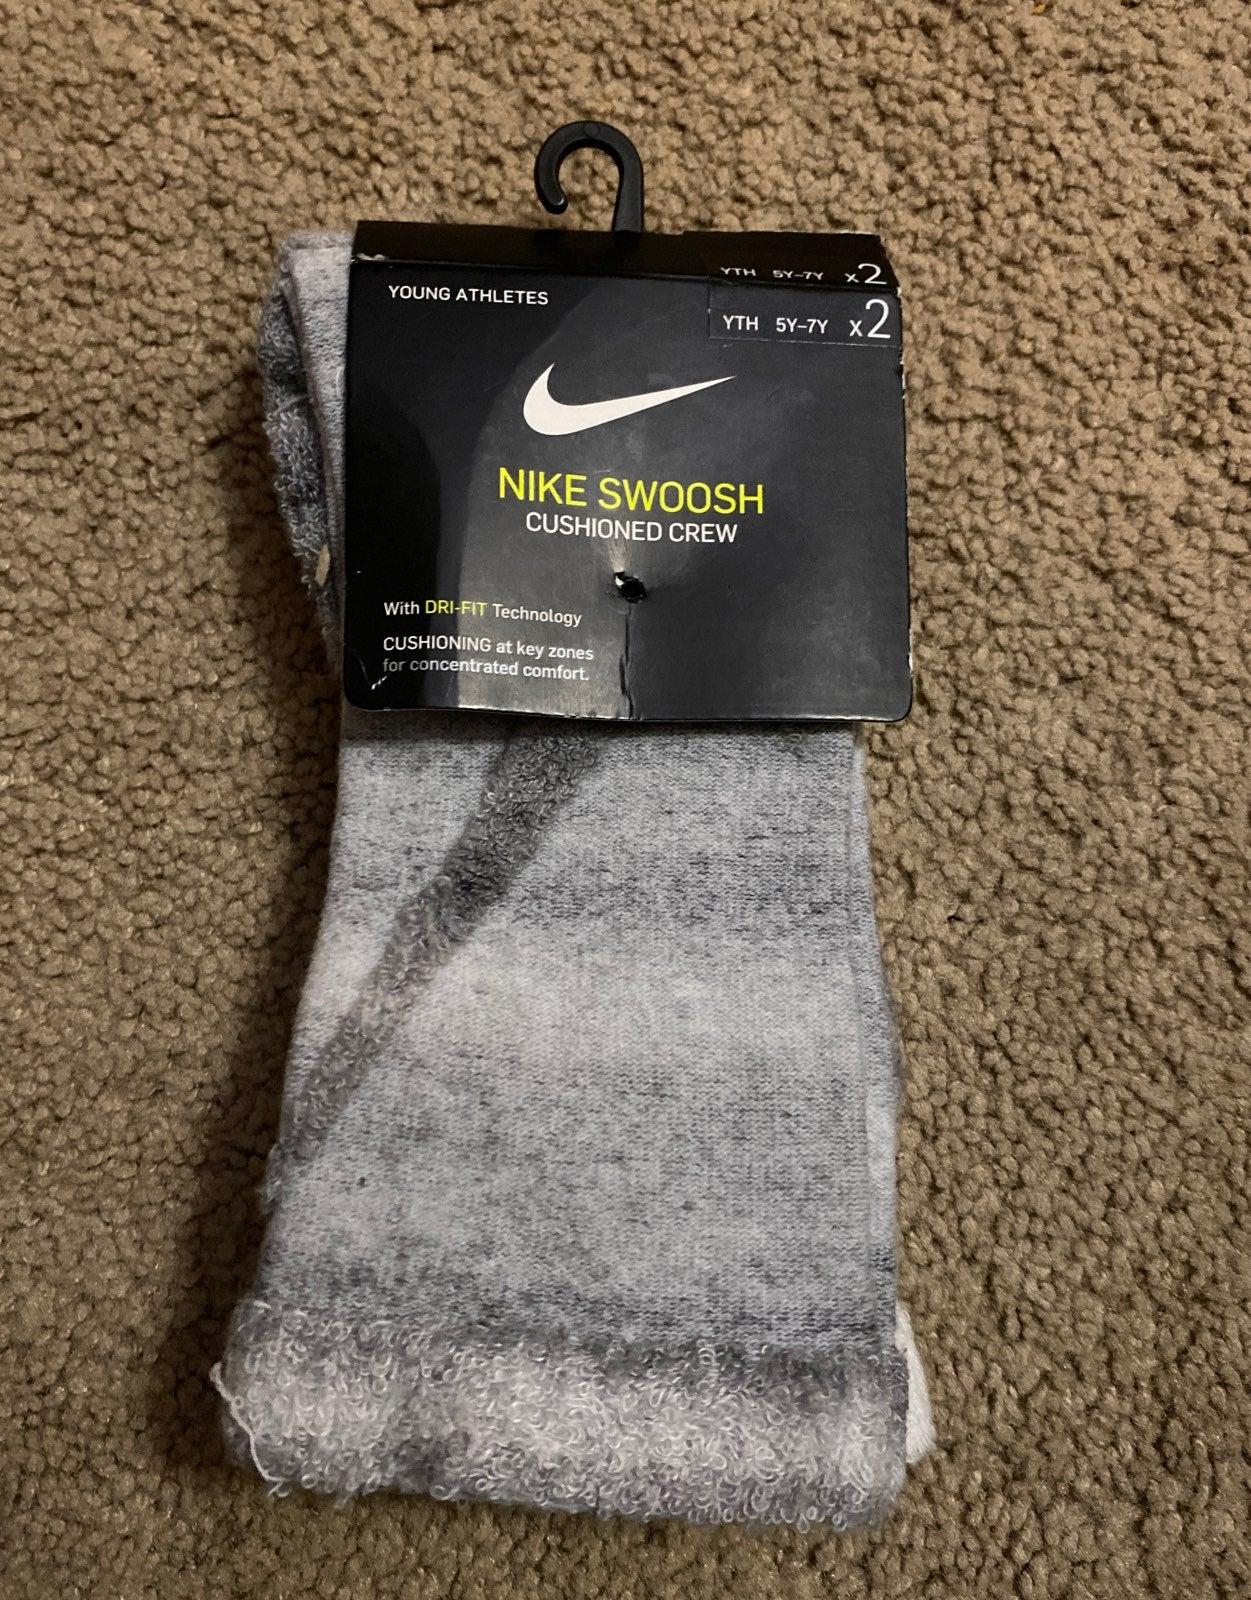 Youth Nike Swoosh cushioned crew socks